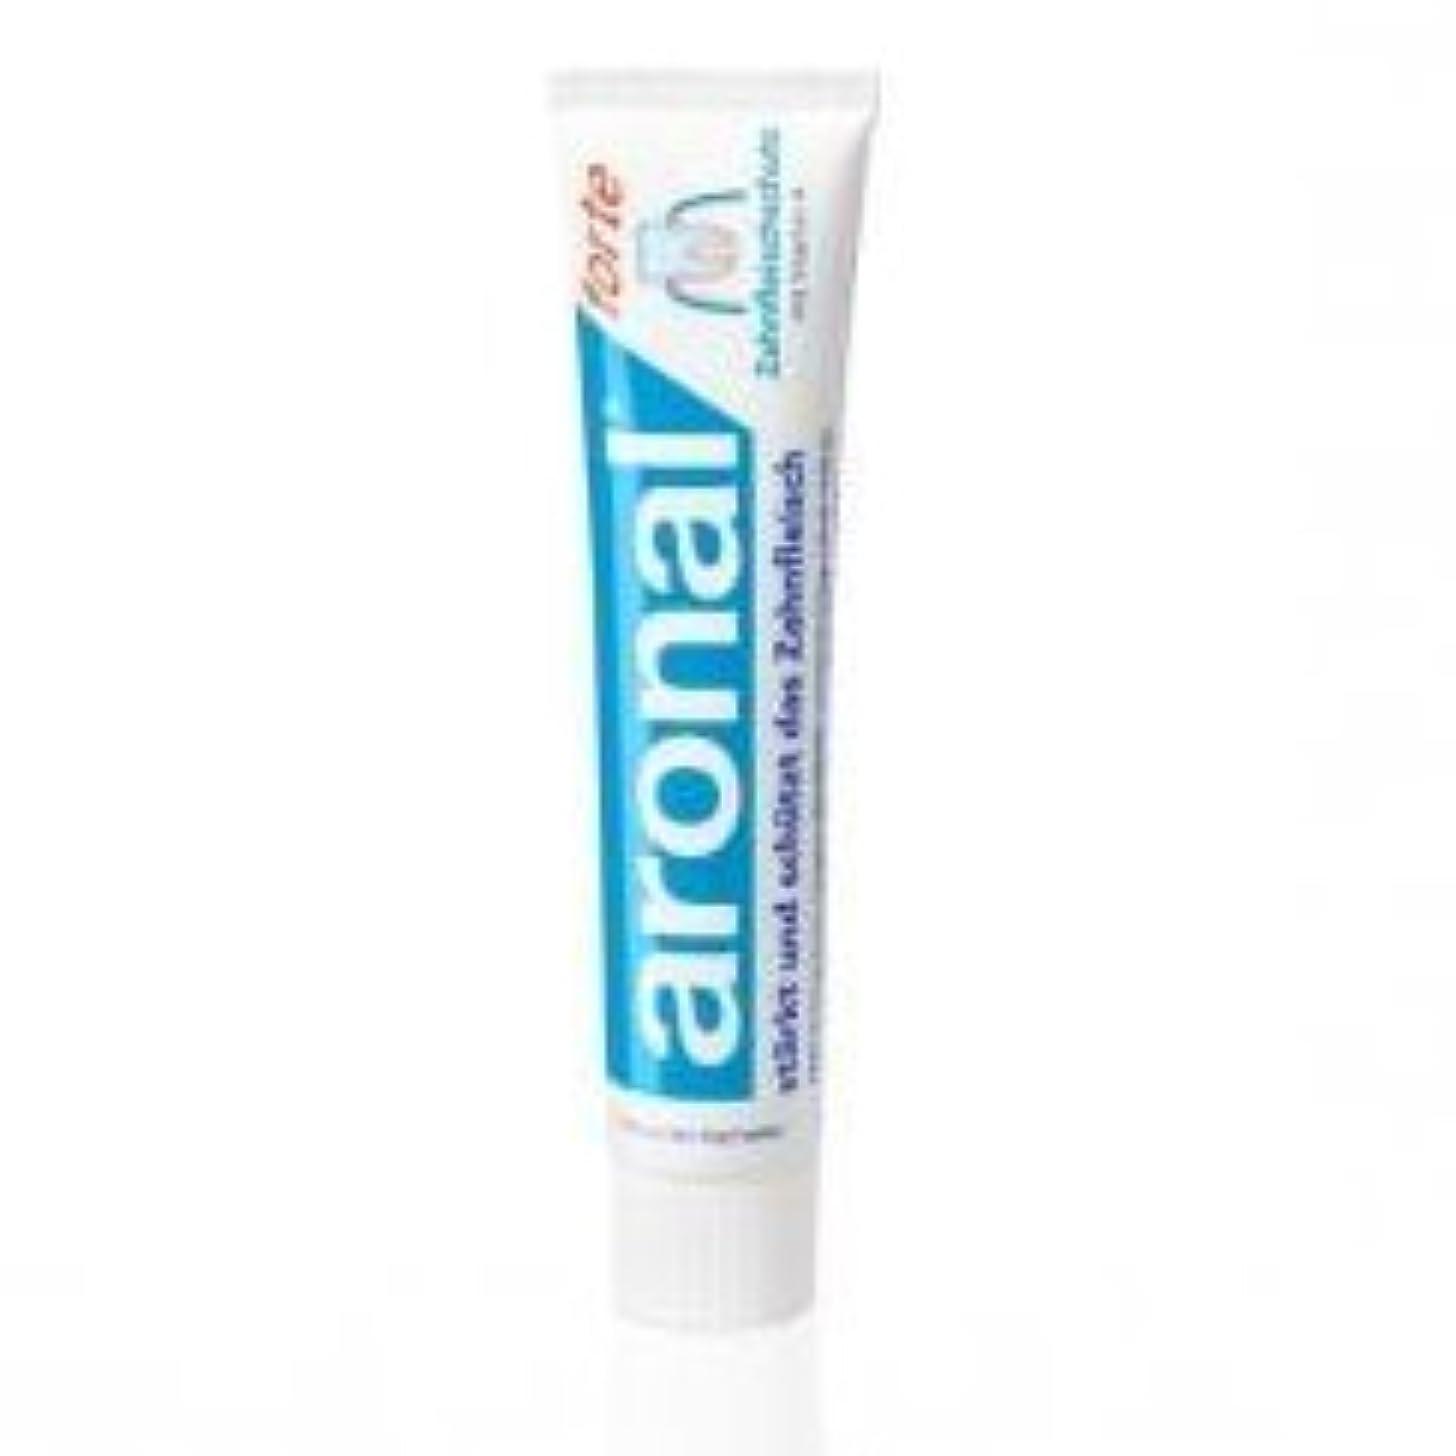 割り当てる人形上に築きますアロナール(ビタミンA配合) 歯磨き粉 75ml x 1Pack (elmex aronal toothpaste 75ml) 【並行輸入品】